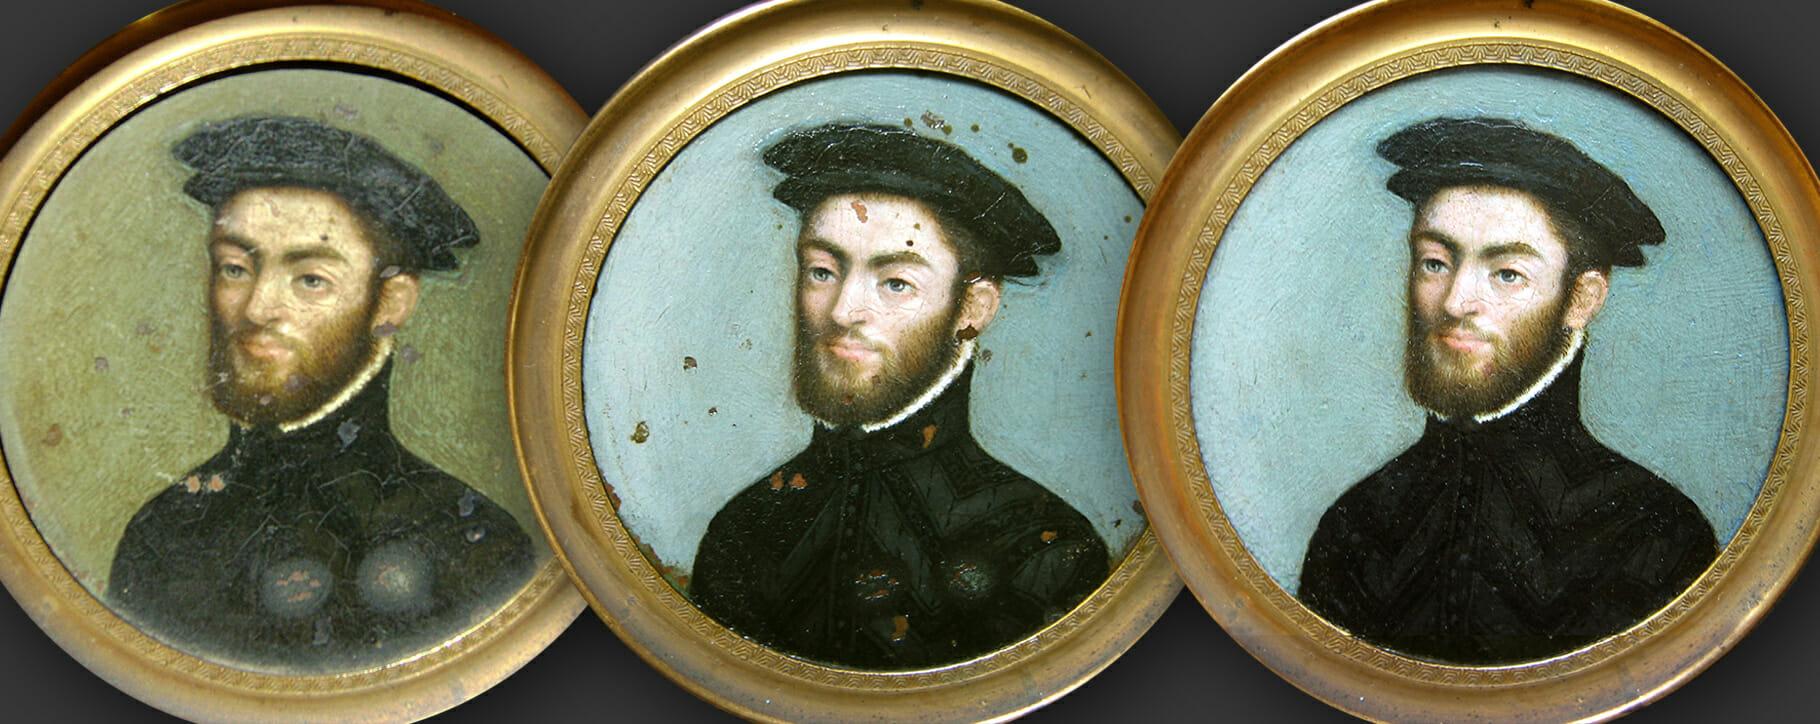 clouet portrait restoration